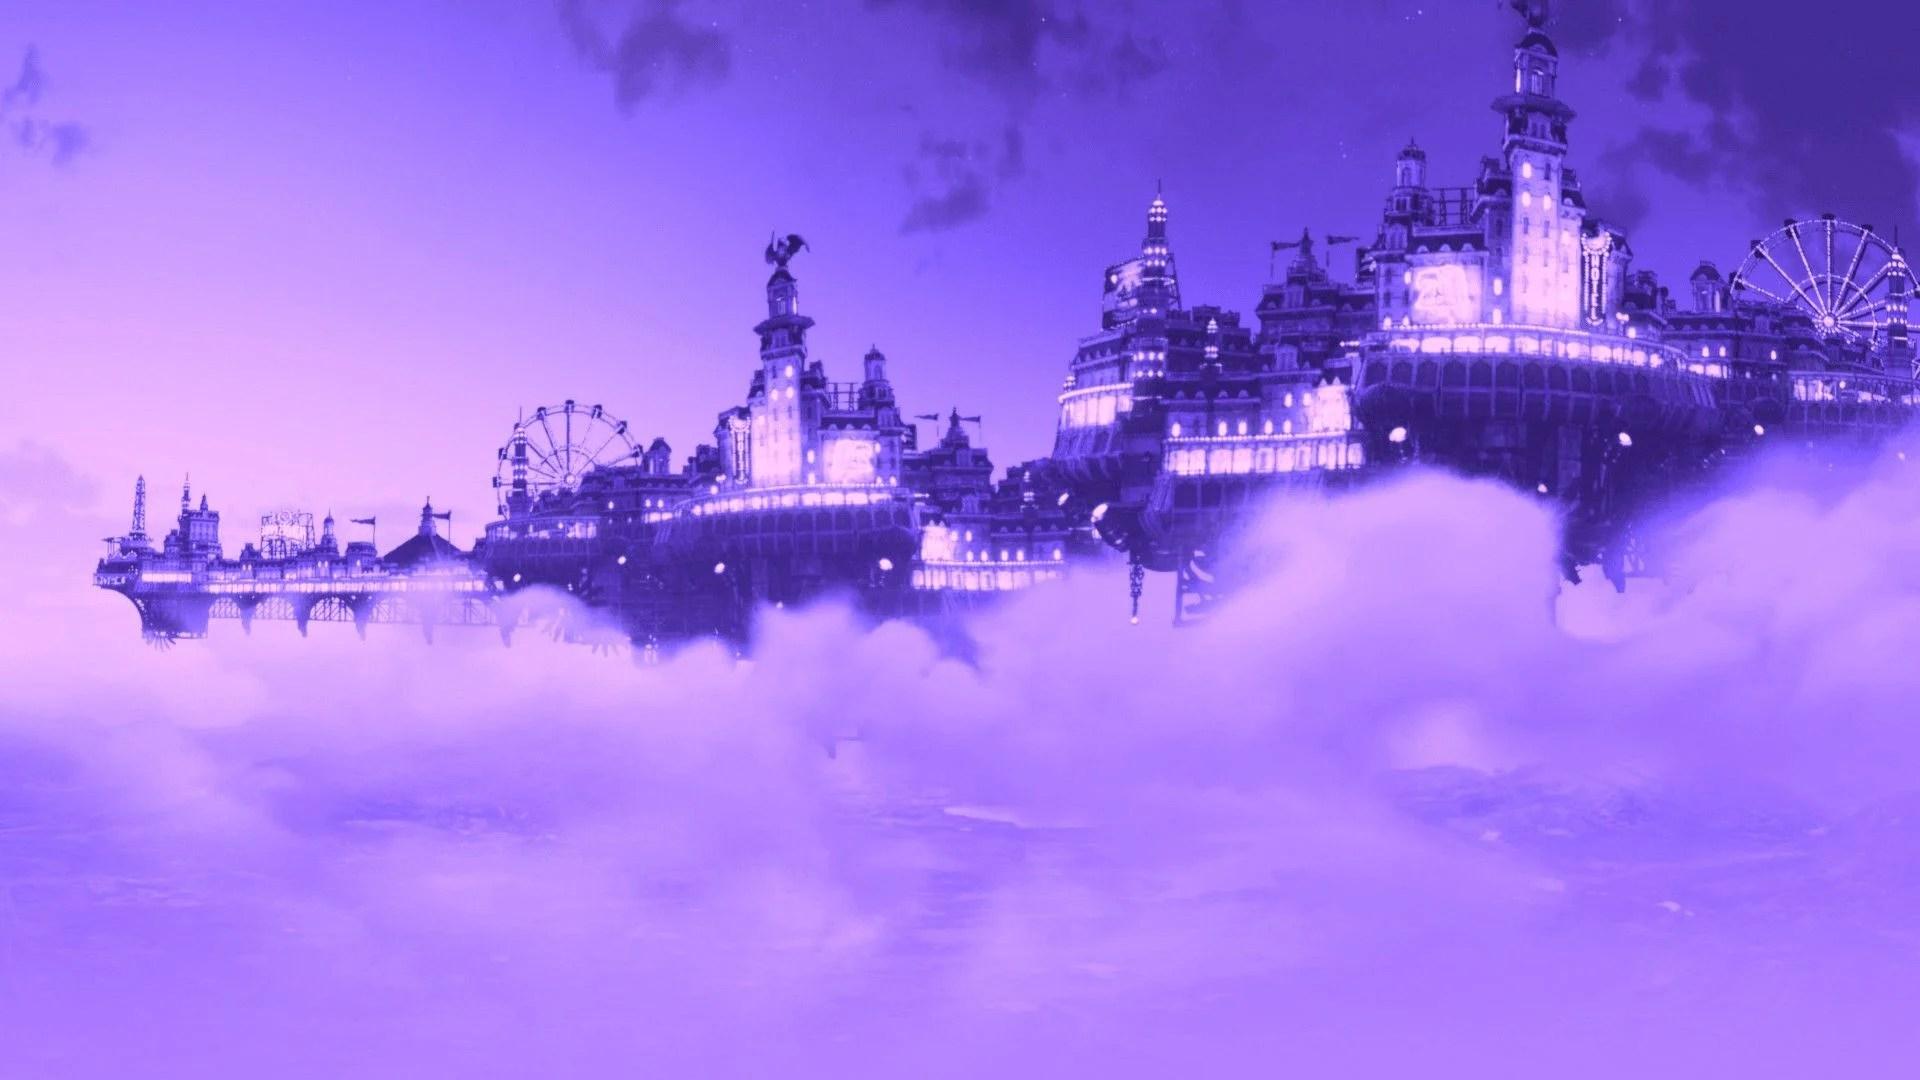 Purple Aesthetic Wallpaper Pc Hd ...